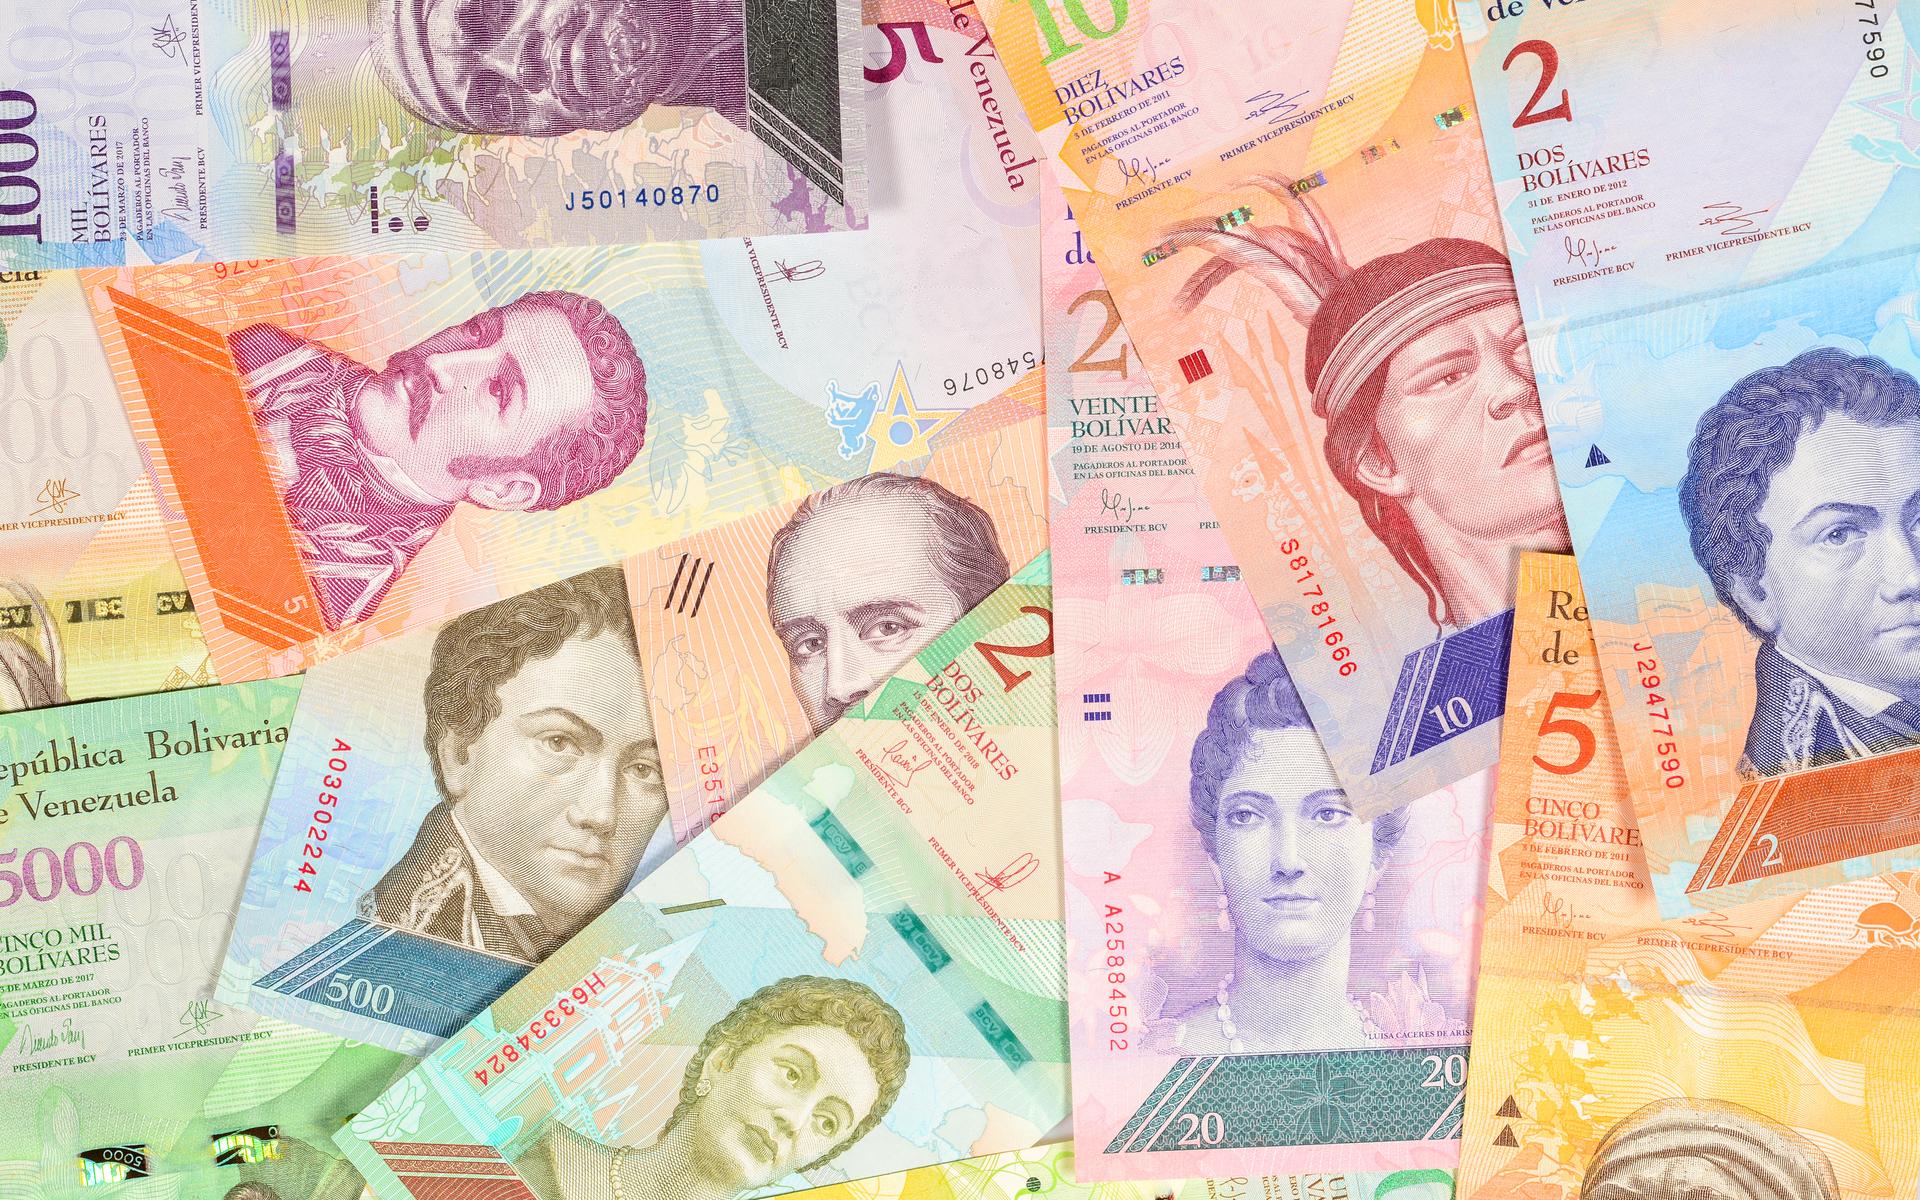 Venezuela bolivars bitcoin